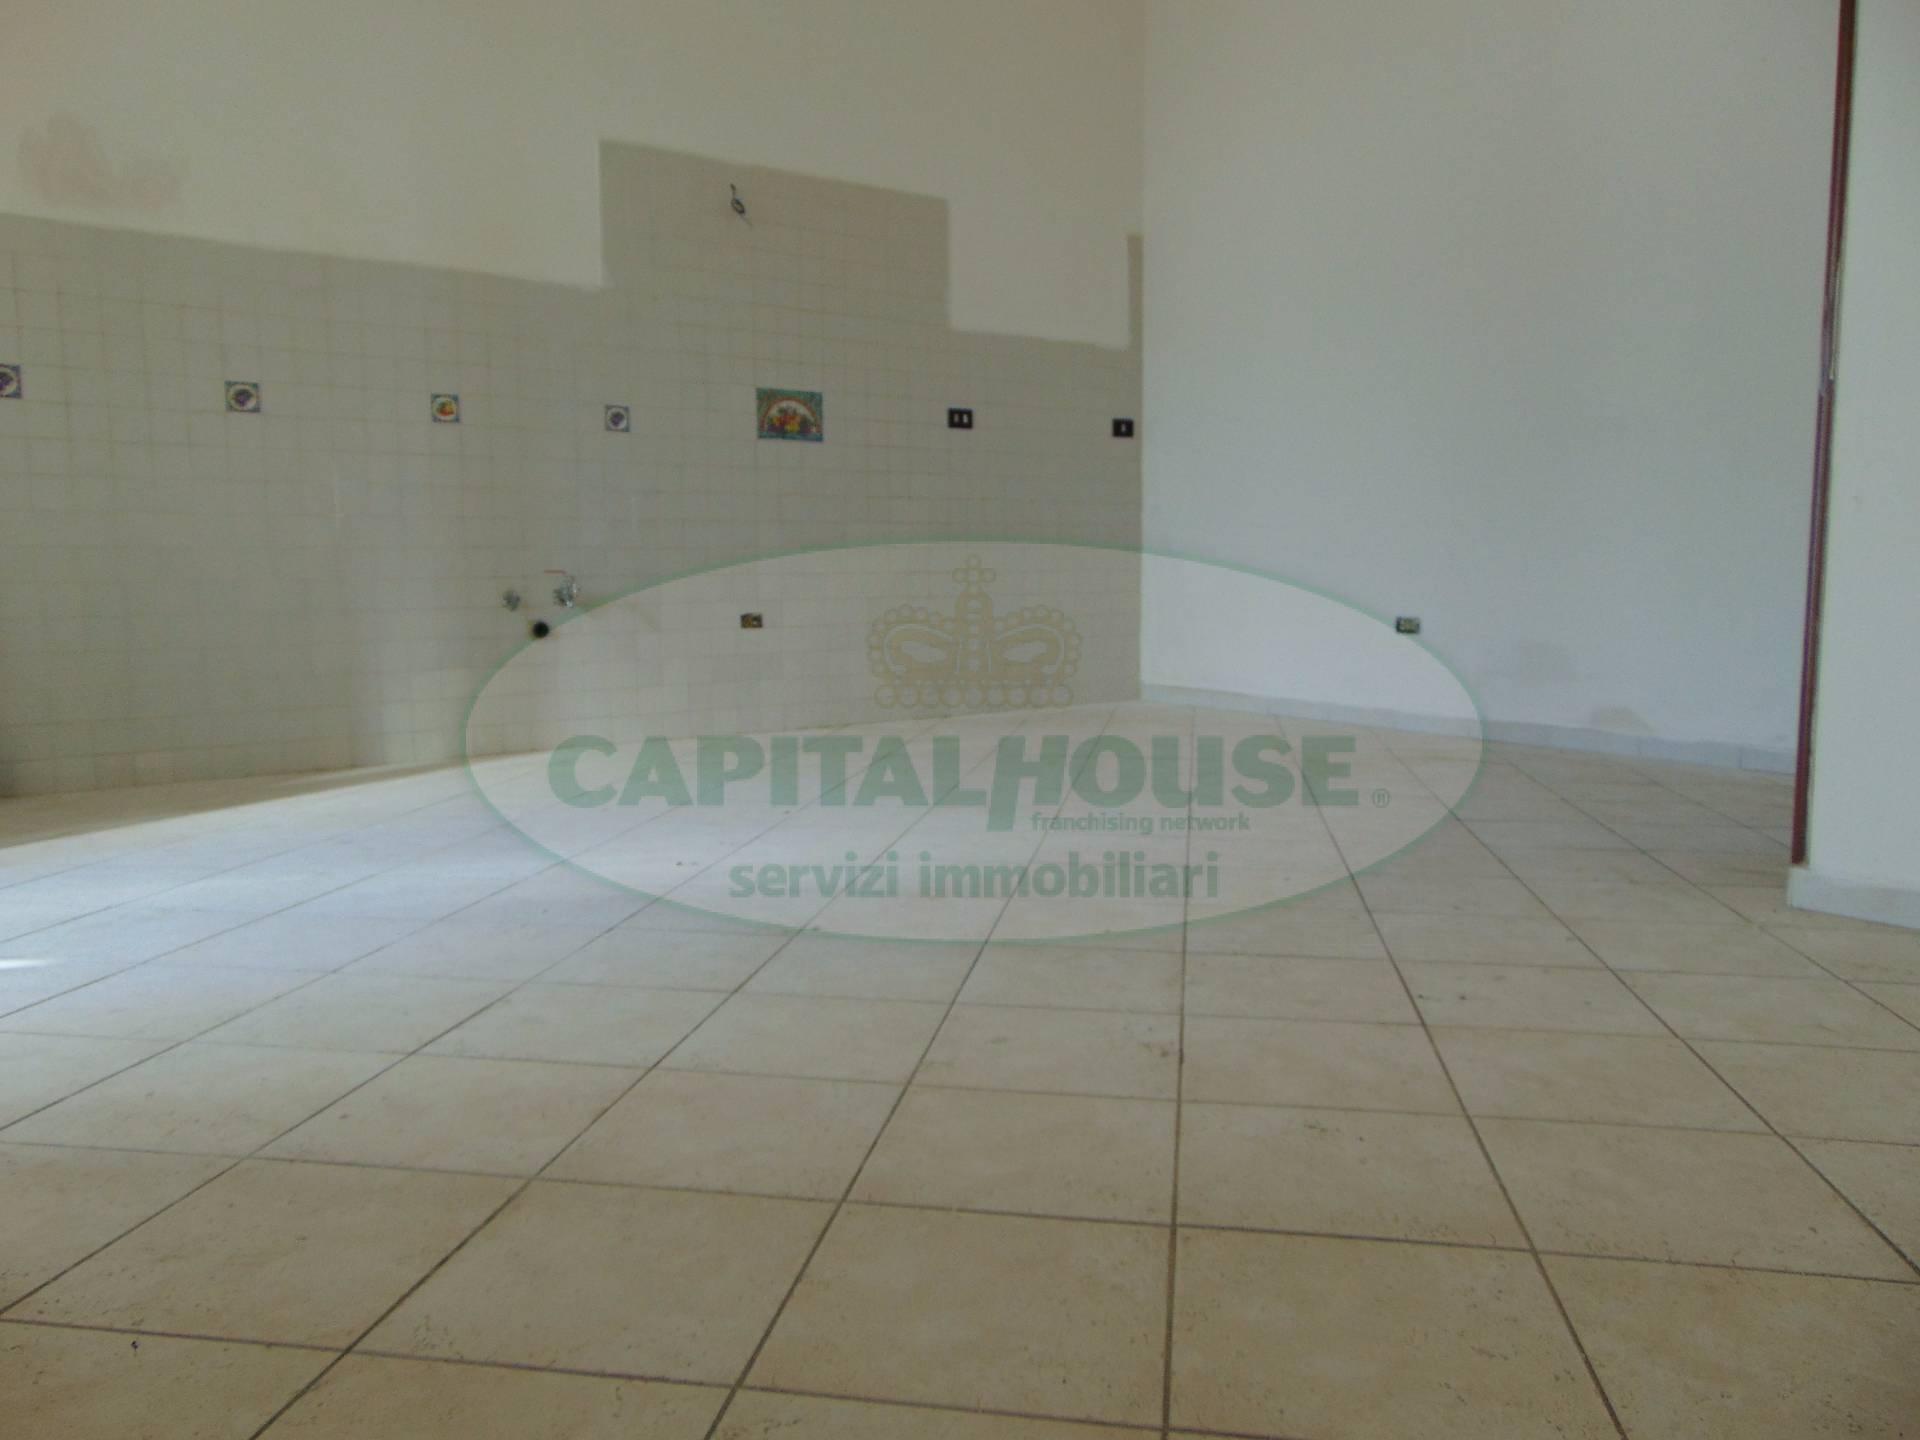 Appartamento in vendita a San Tammaro, 3 locali, prezzo € 38.000 | CambioCasa.it